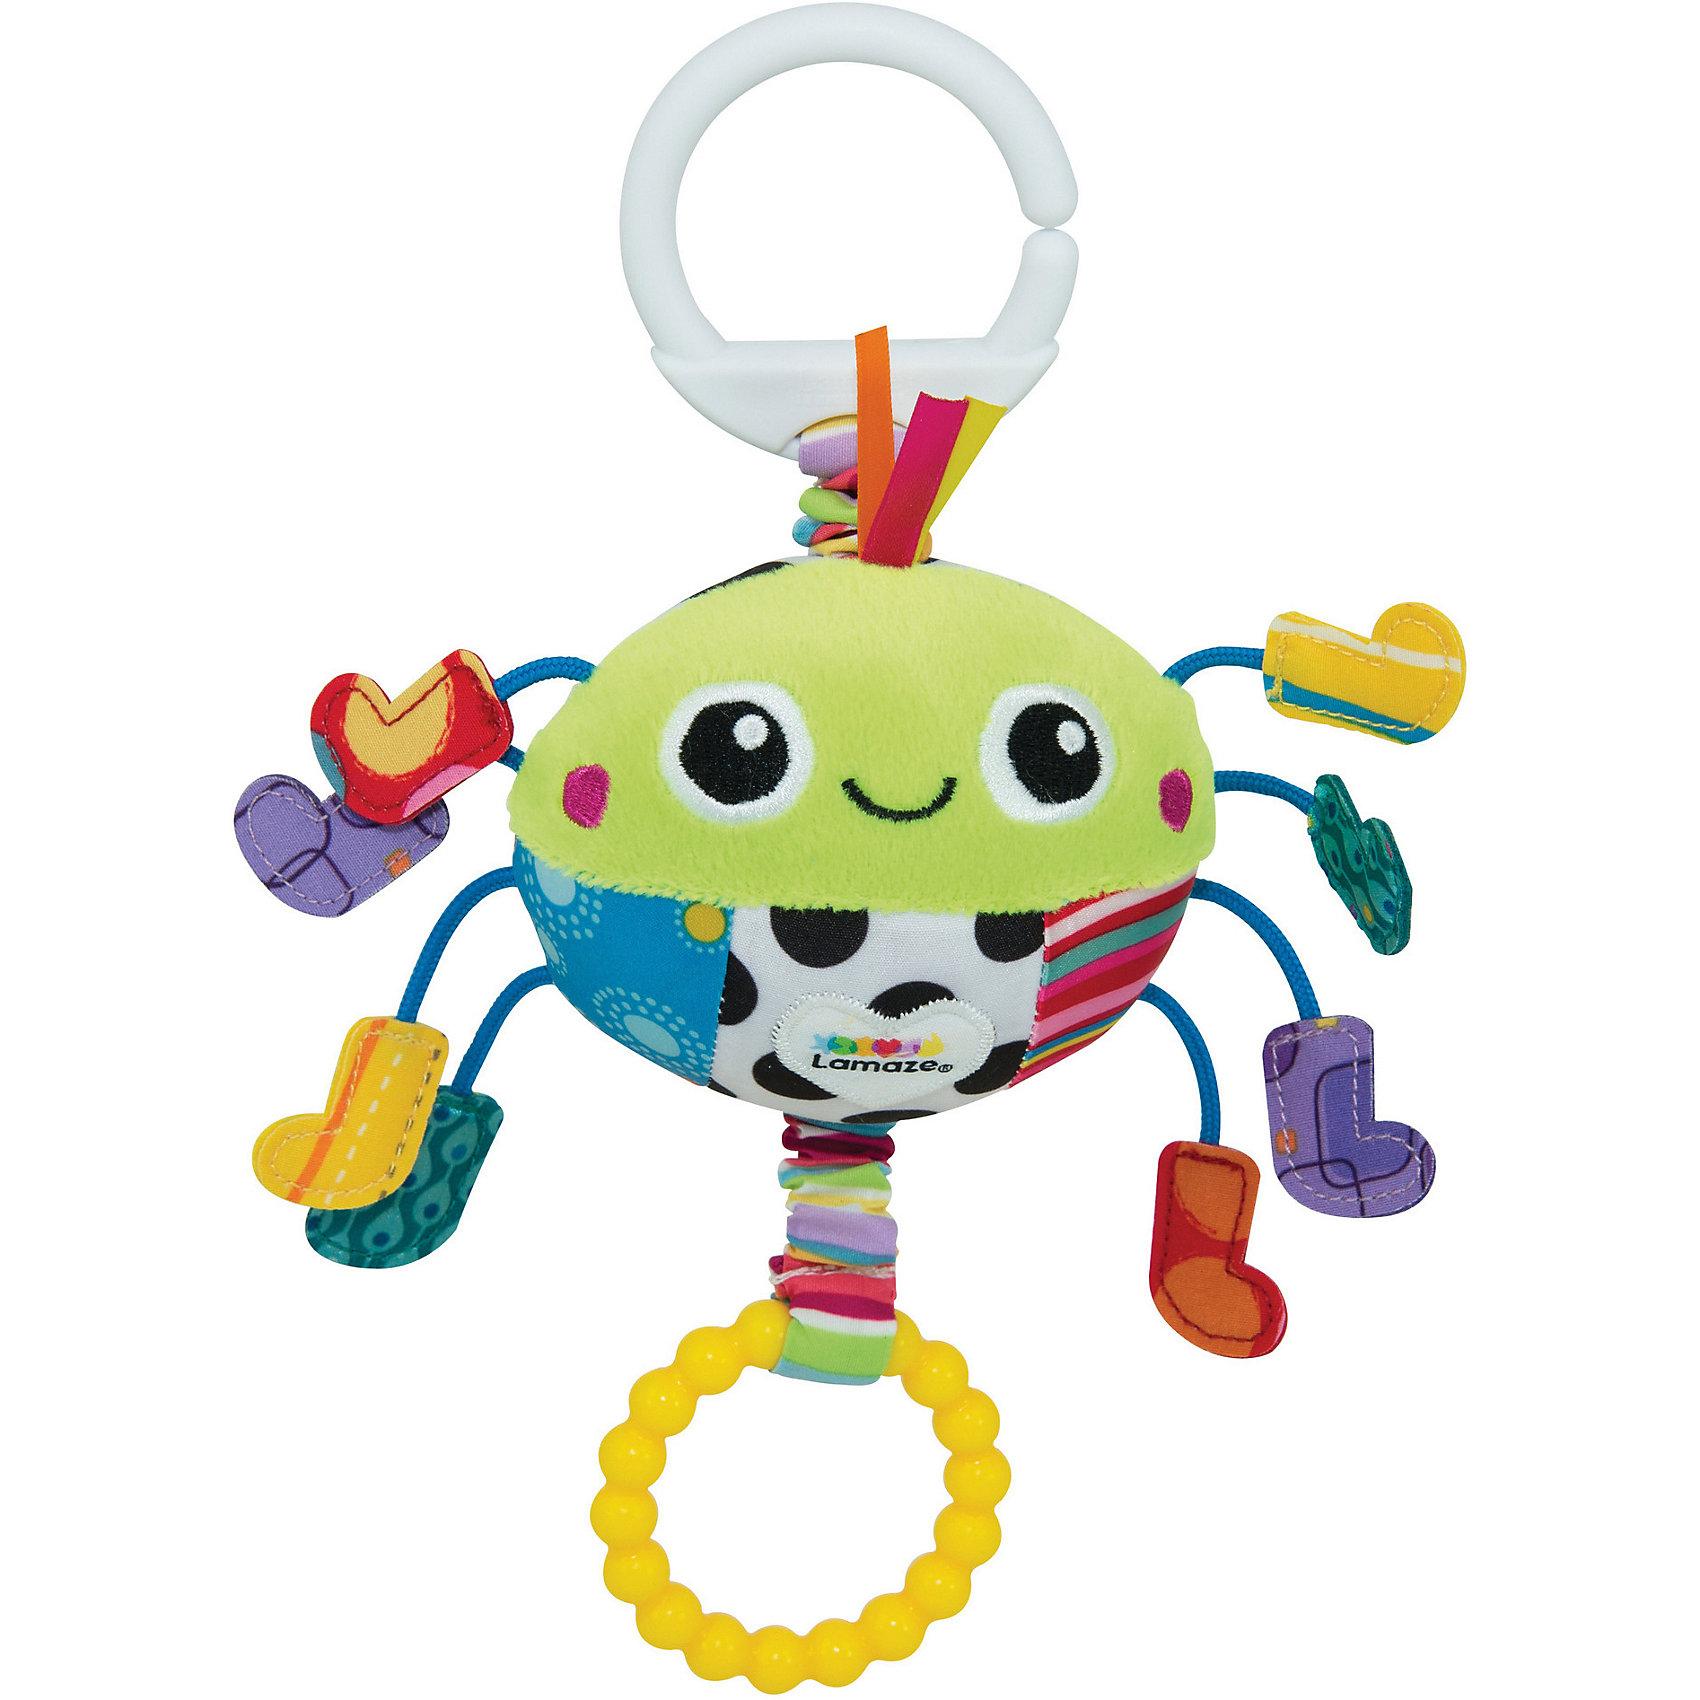 Подвеска Весёлый паучок, LamazeМягкие игрушки<br>Подвеска Весёлый паучок, Lamaze - забавная развивающая игрушка, которая обязательно привлечет внимание Вашего малыша. Милый веселый паучок выполнен в ярких разноцветных тонах, очень мягкий и приятный на ощупь. Материалы разной фактуры, контрастные цвета и лапки с шуршащими ботиночками стимулируют развитие тактильных и сенсорных навыков ребенка. Легкая конструкция и форма очень удобна для маленьких ручек малыша. Потяните паучка за желтое кольцо с радужной паутинкой и он будет вибрировать, слегка покачивая ножками.<br>Имеется кольцо для крепления к кроватке или коляске. Игрушка способствует развитию воображения и познавательной активности, учит причинно-следственным связям, тренирует мелкую моторику.<br><br>Дополнительная информация:<br><br>- Материал: текстиль, пластик.<br>- Размер игрушки: 3 x 15,2 x 12,7 см.<br>- Вес: 0,454 кг.<br><br>Подвеску Весёлый паучок, Lamaze, можно купить в нашем интернет-магазине.<br><br>Ширина мм: 275<br>Глубина мм: 156<br>Высота мм: 71<br>Вес г: 90<br>Возраст от месяцев: 0<br>Возраст до месяцев: 18<br>Пол: Унисекс<br>Возраст: Детский<br>SKU: 3965939